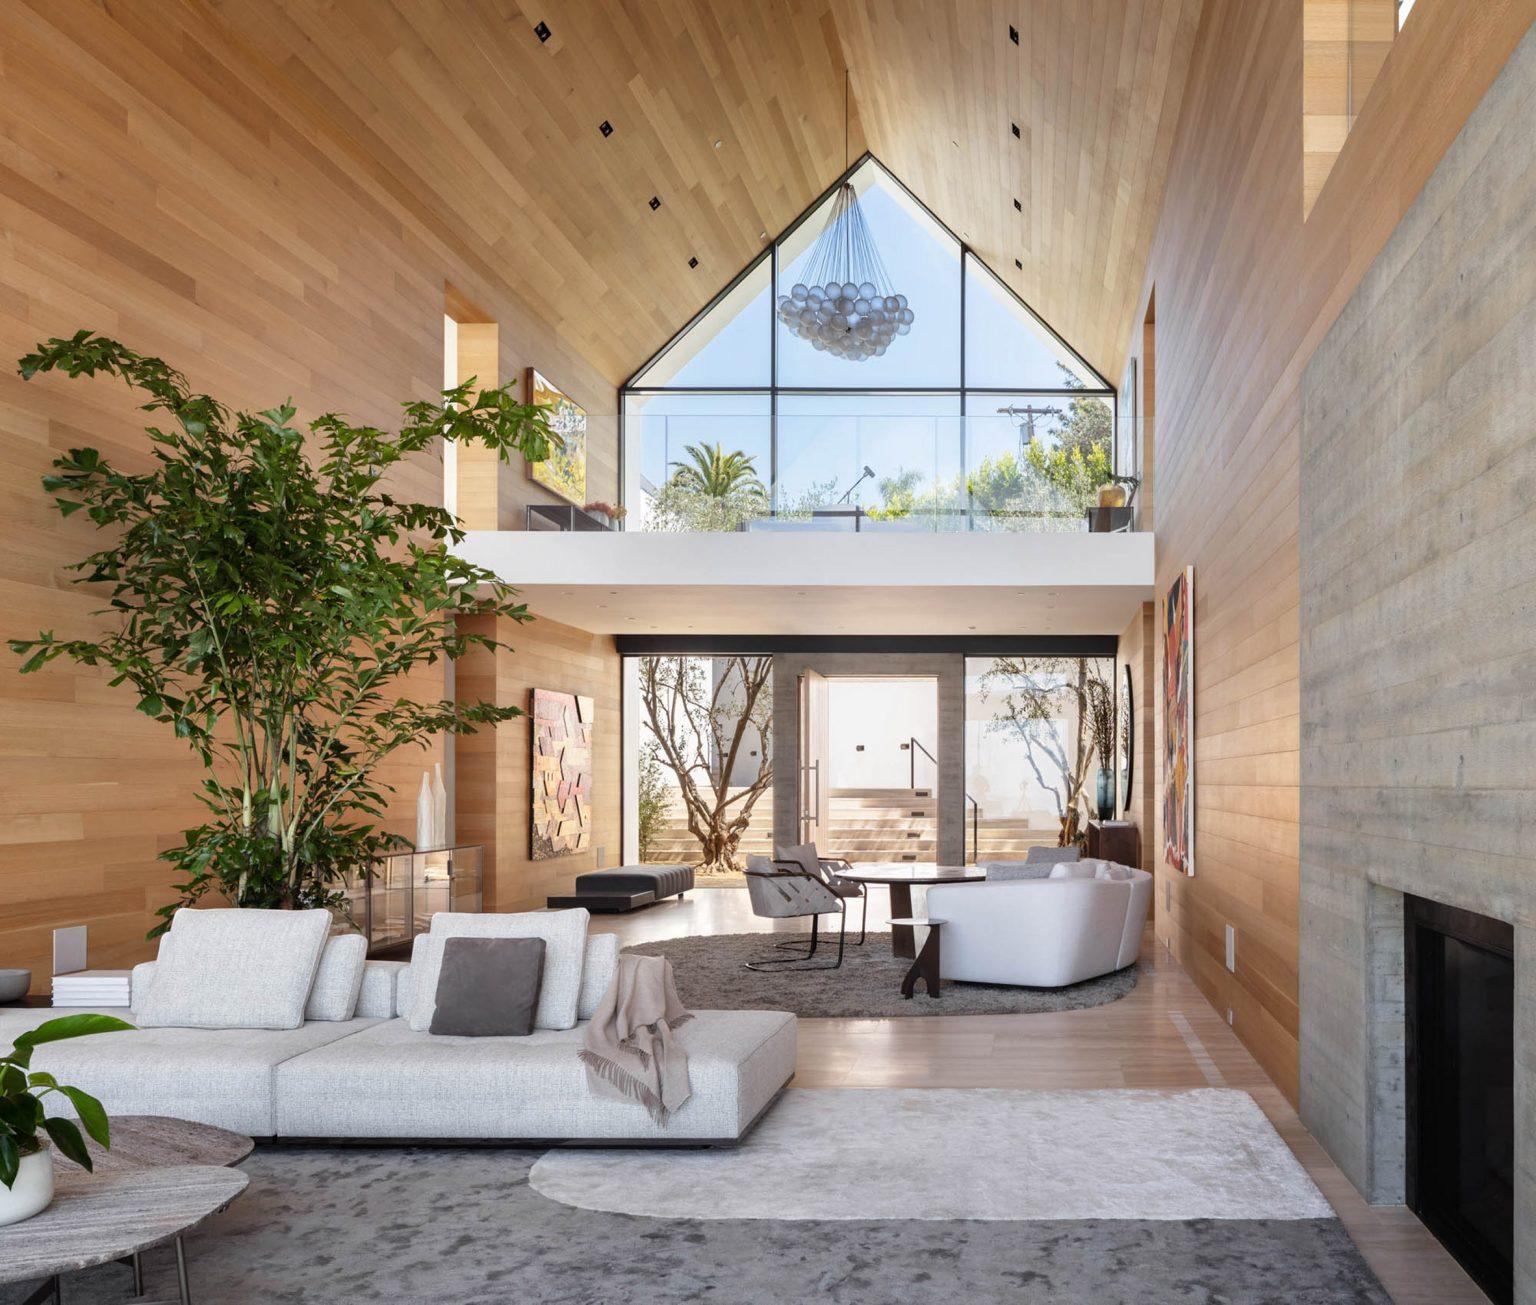 Il salone e il camino /  Standard Architecture/Viewpoint Collection